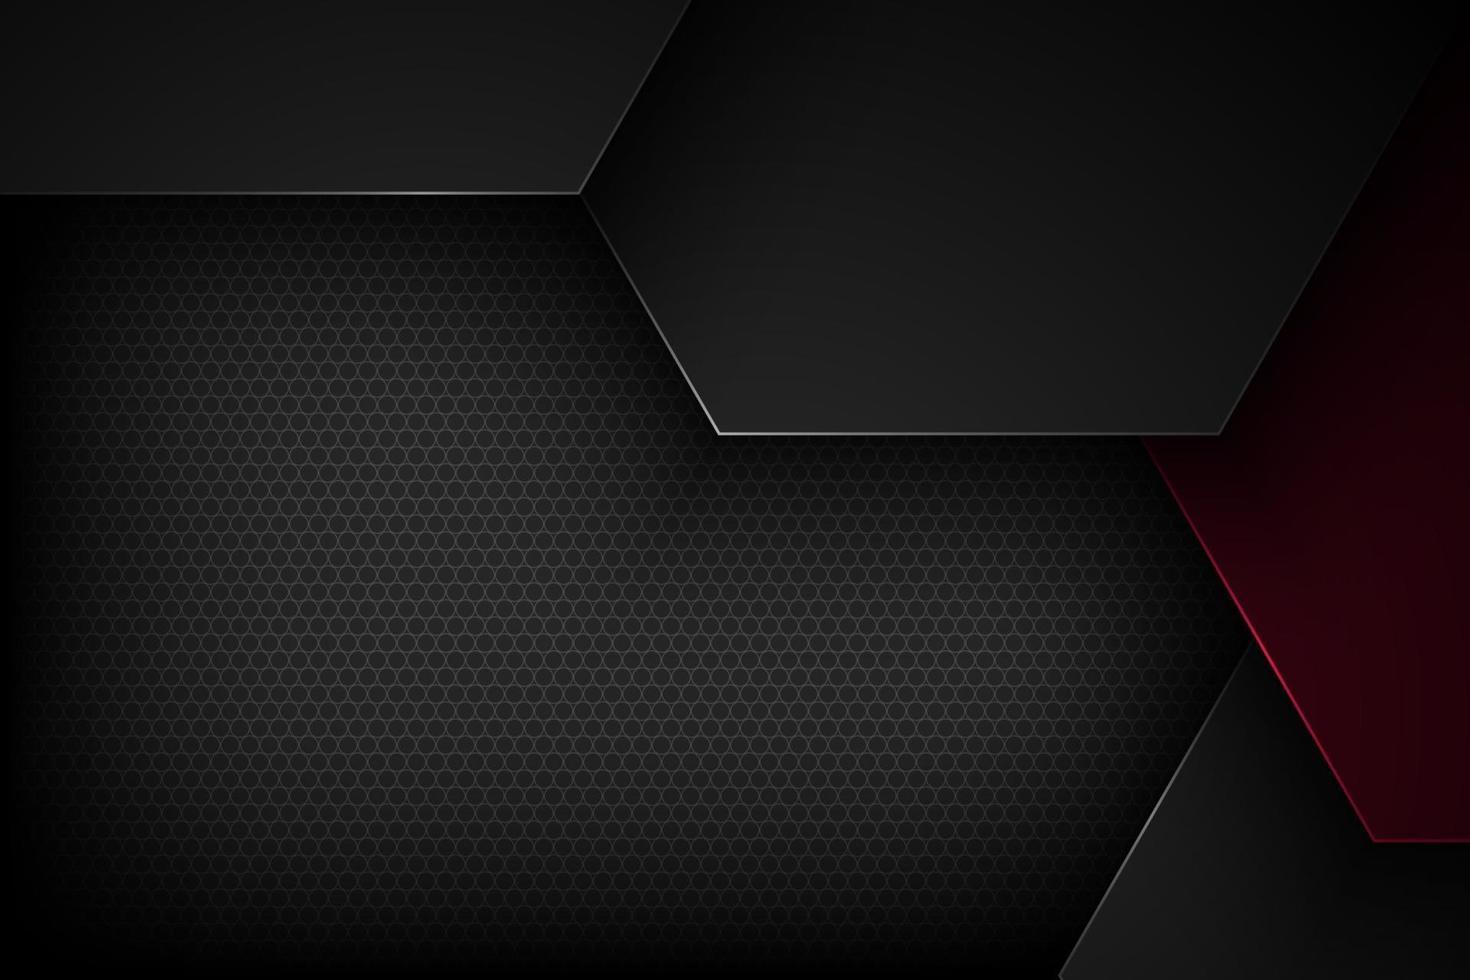 zwarte abstracte vectorachtergrond met overlappende kenmerken. vector